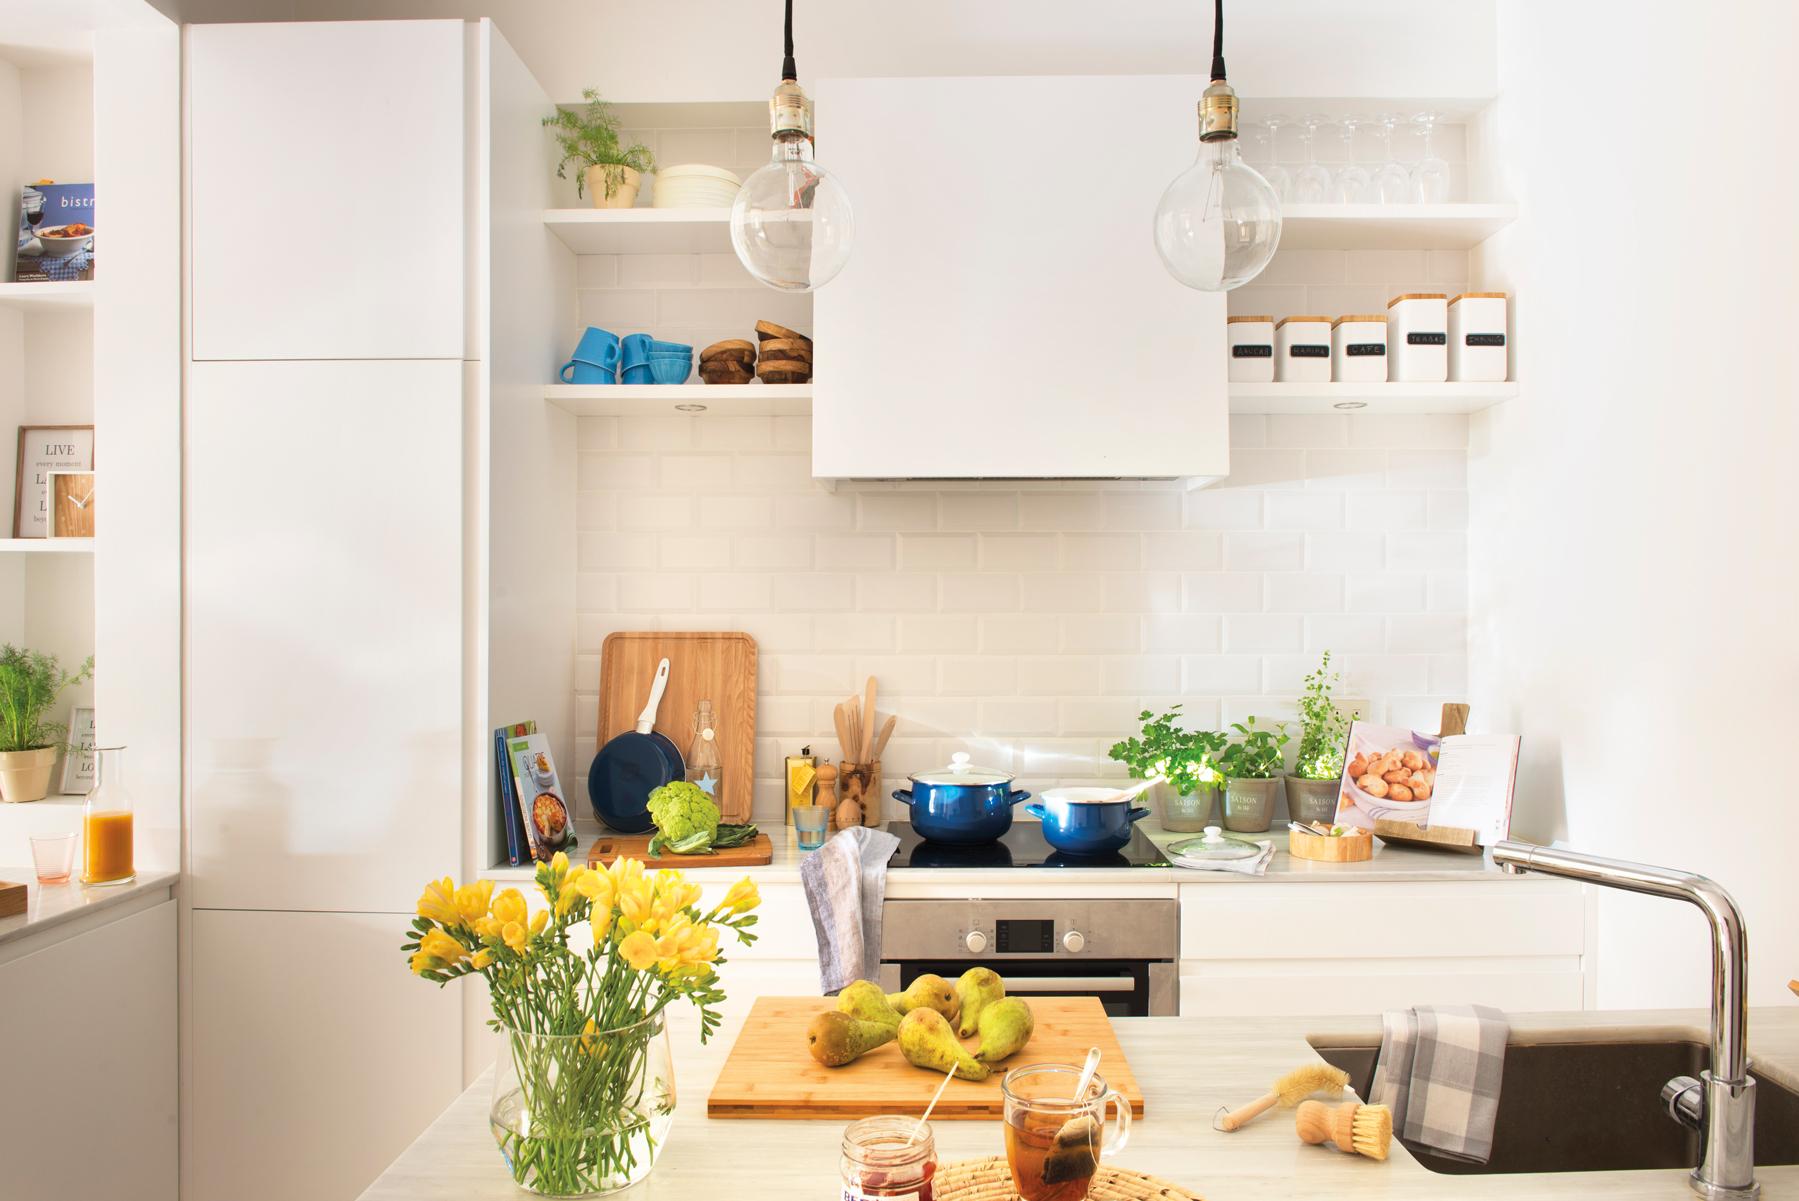 756 Fotos de Muebles de cocina - Pagina 8